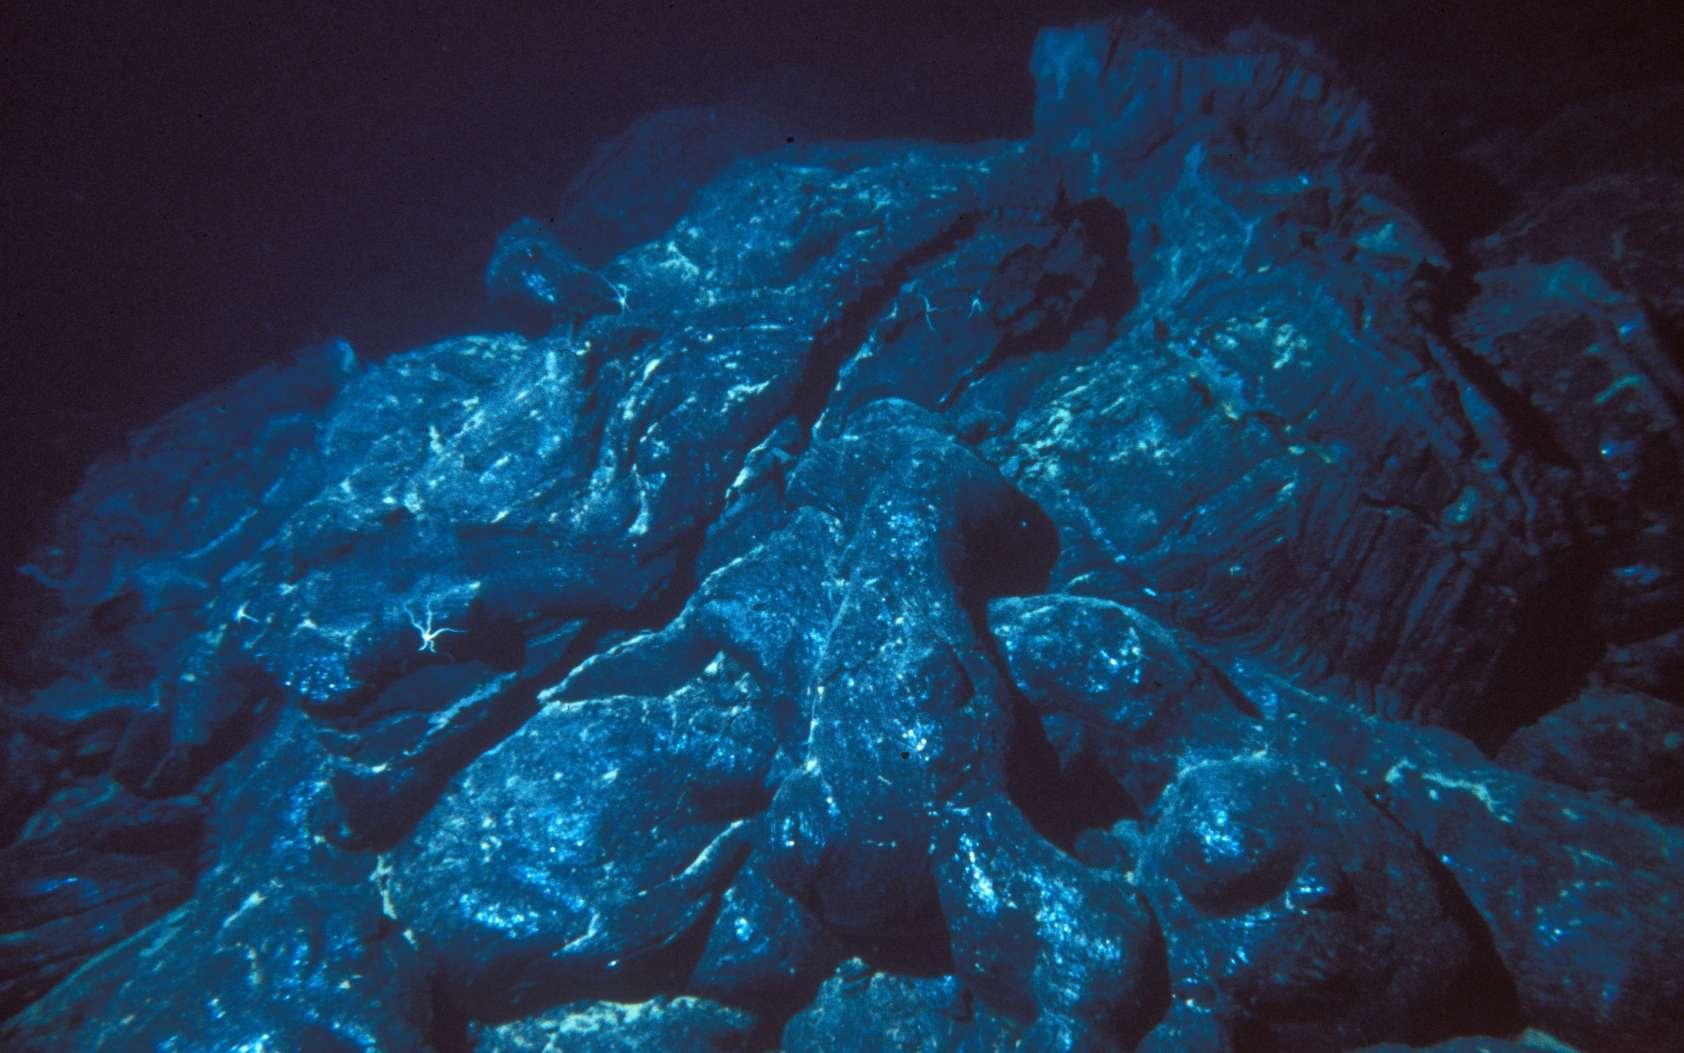 Les éruptions sous-marines se produisent souvent à des milliers de mètres sous la surface des océans en donnant des laves en coussin. © NOAA